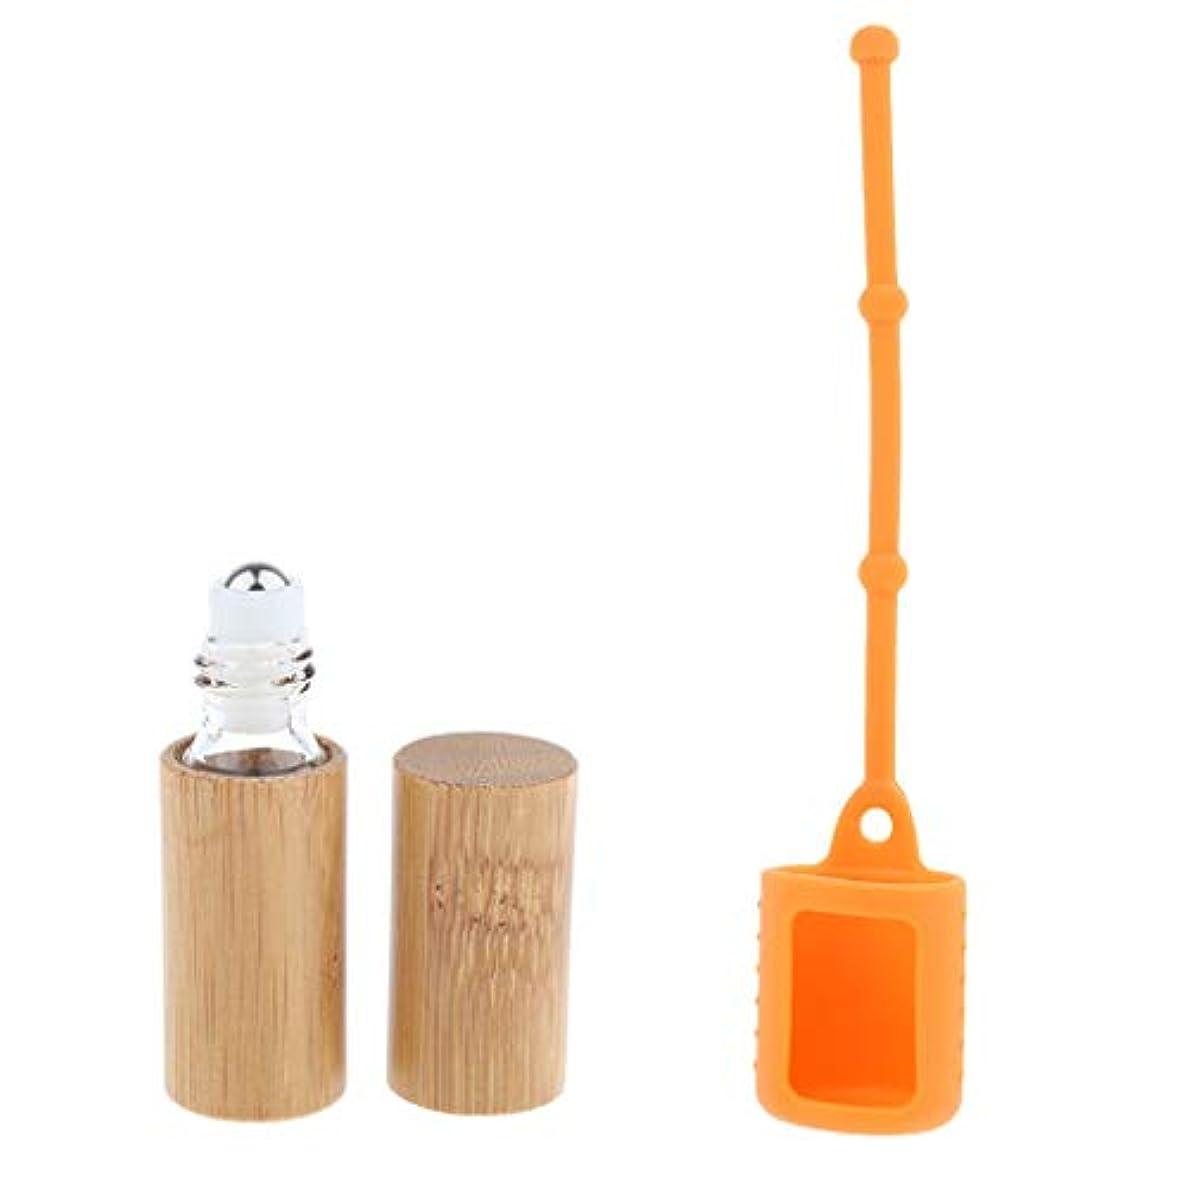 ひねりバドミントン愛されし者FLAMEER 空ボトル 竹ボトル 香水瓶 エッセンシャルオイル 精油瓶 詰め替え 掛け シリコンカバー